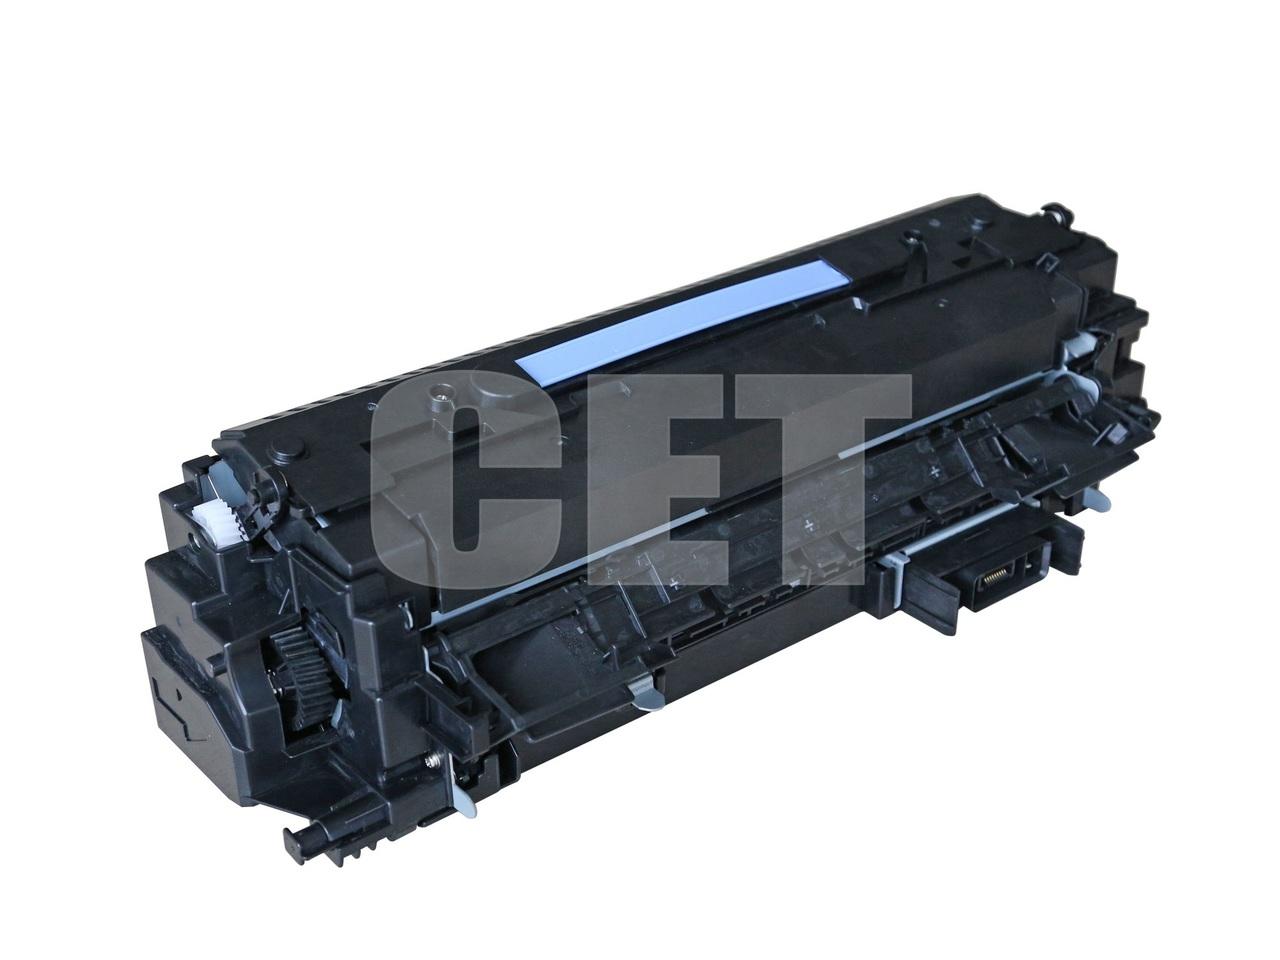 Фьюзер (печка) в сборе CF367-67906 для HP LaserJetEnterprise M806/M830 (CET), CET2594U